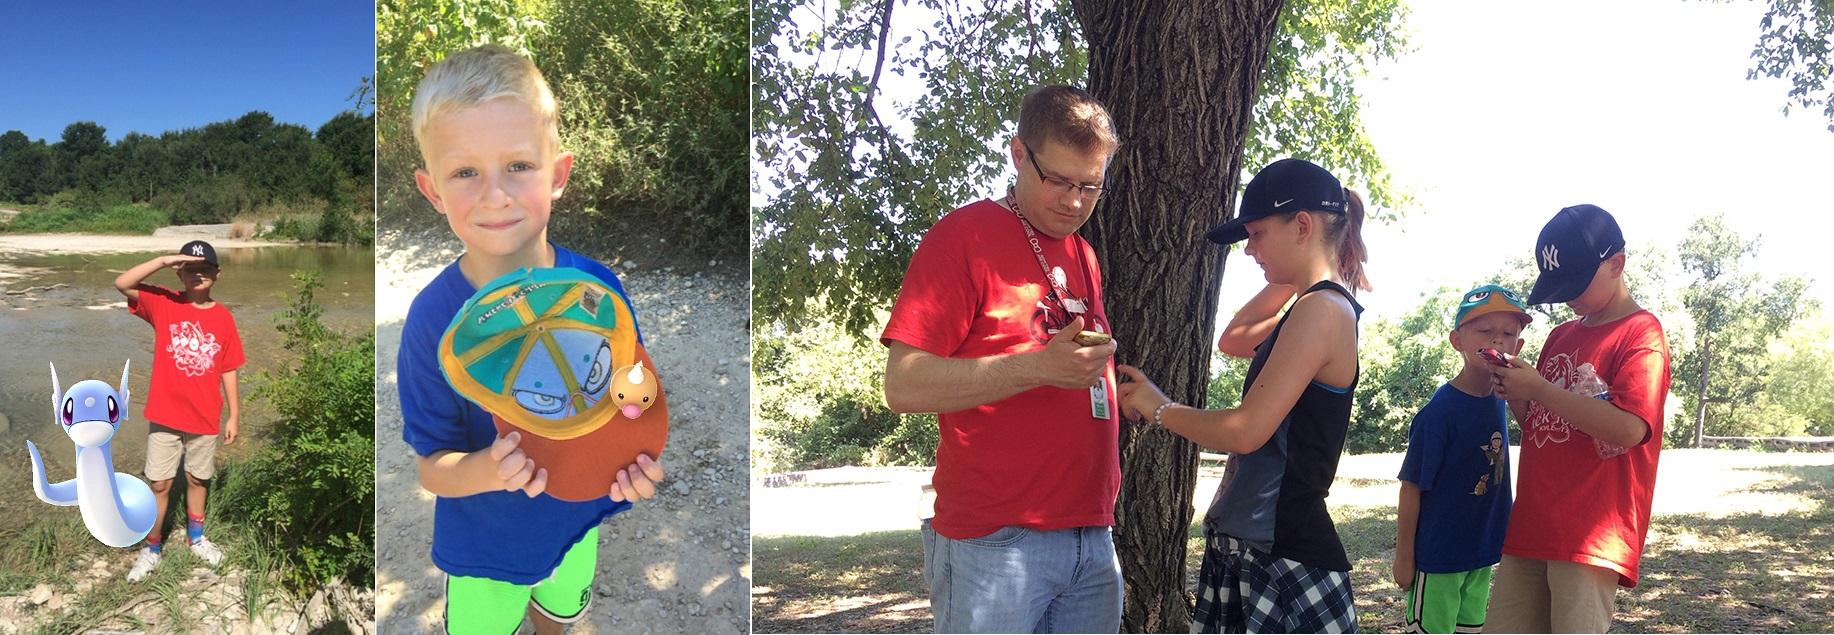 Nathan Adams and his kiddos searching for Pokémon.